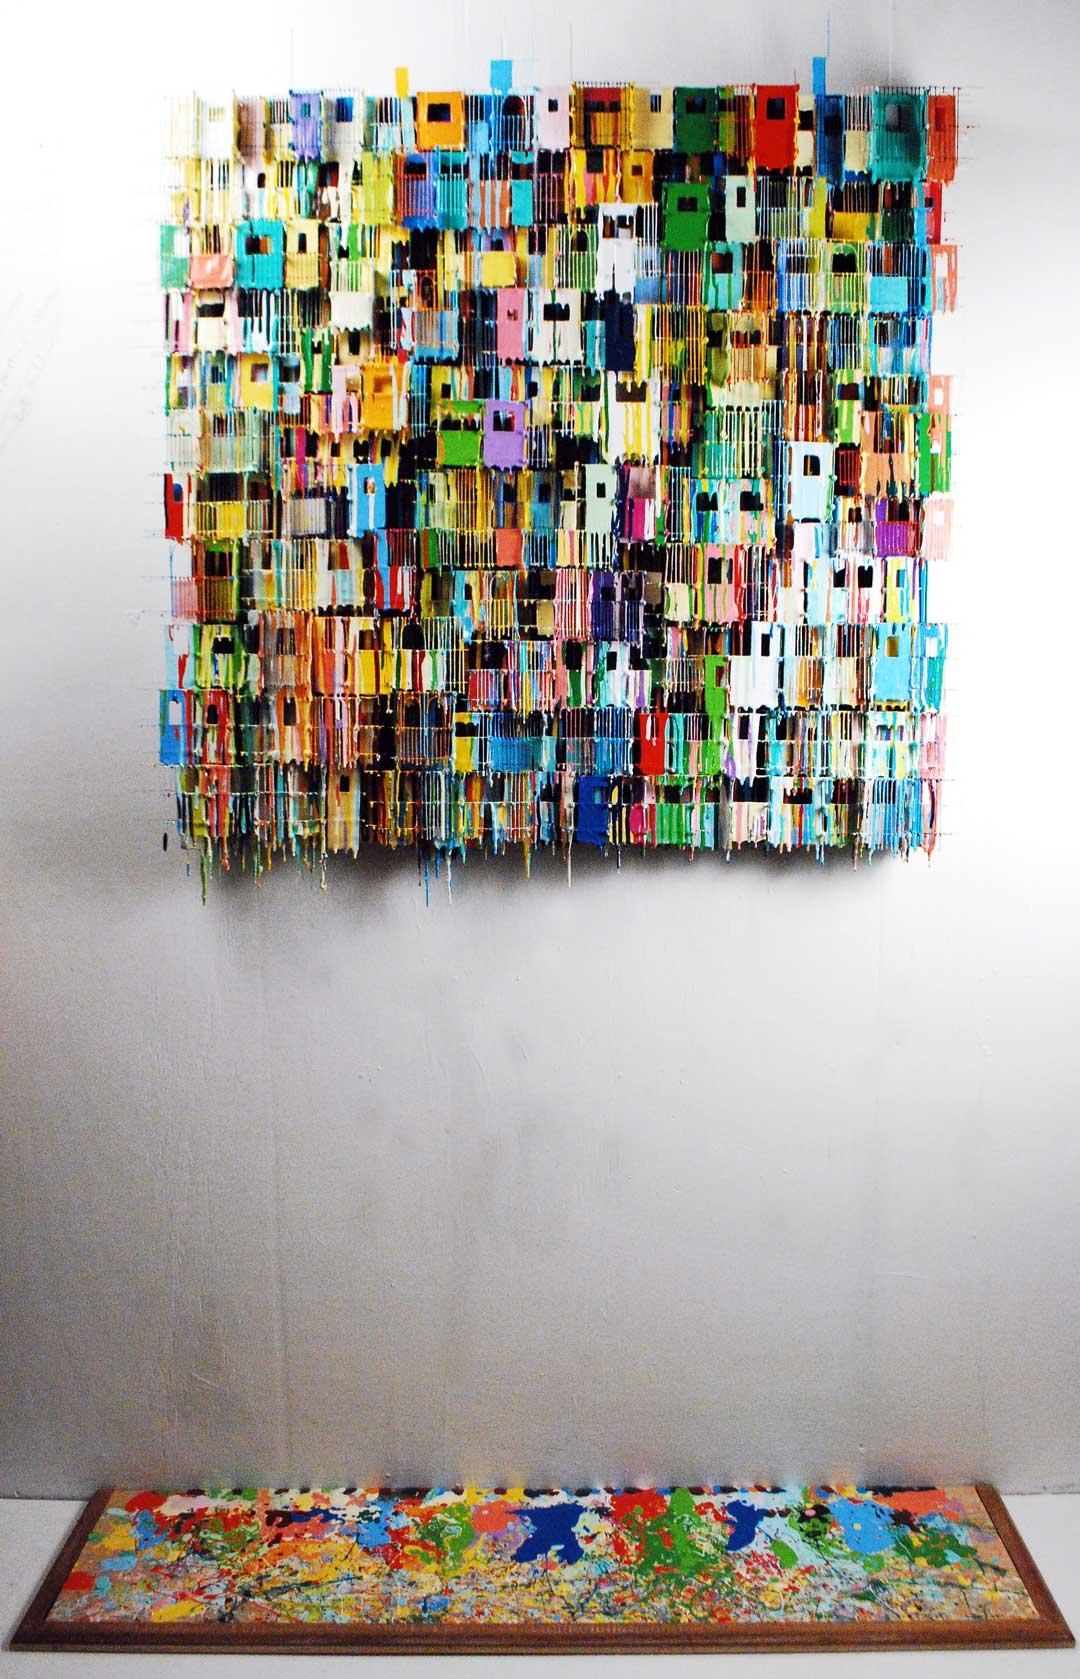 Large Odd Sock Monster   Contemporary Art   Russell West 3D Wall Art Sculptures